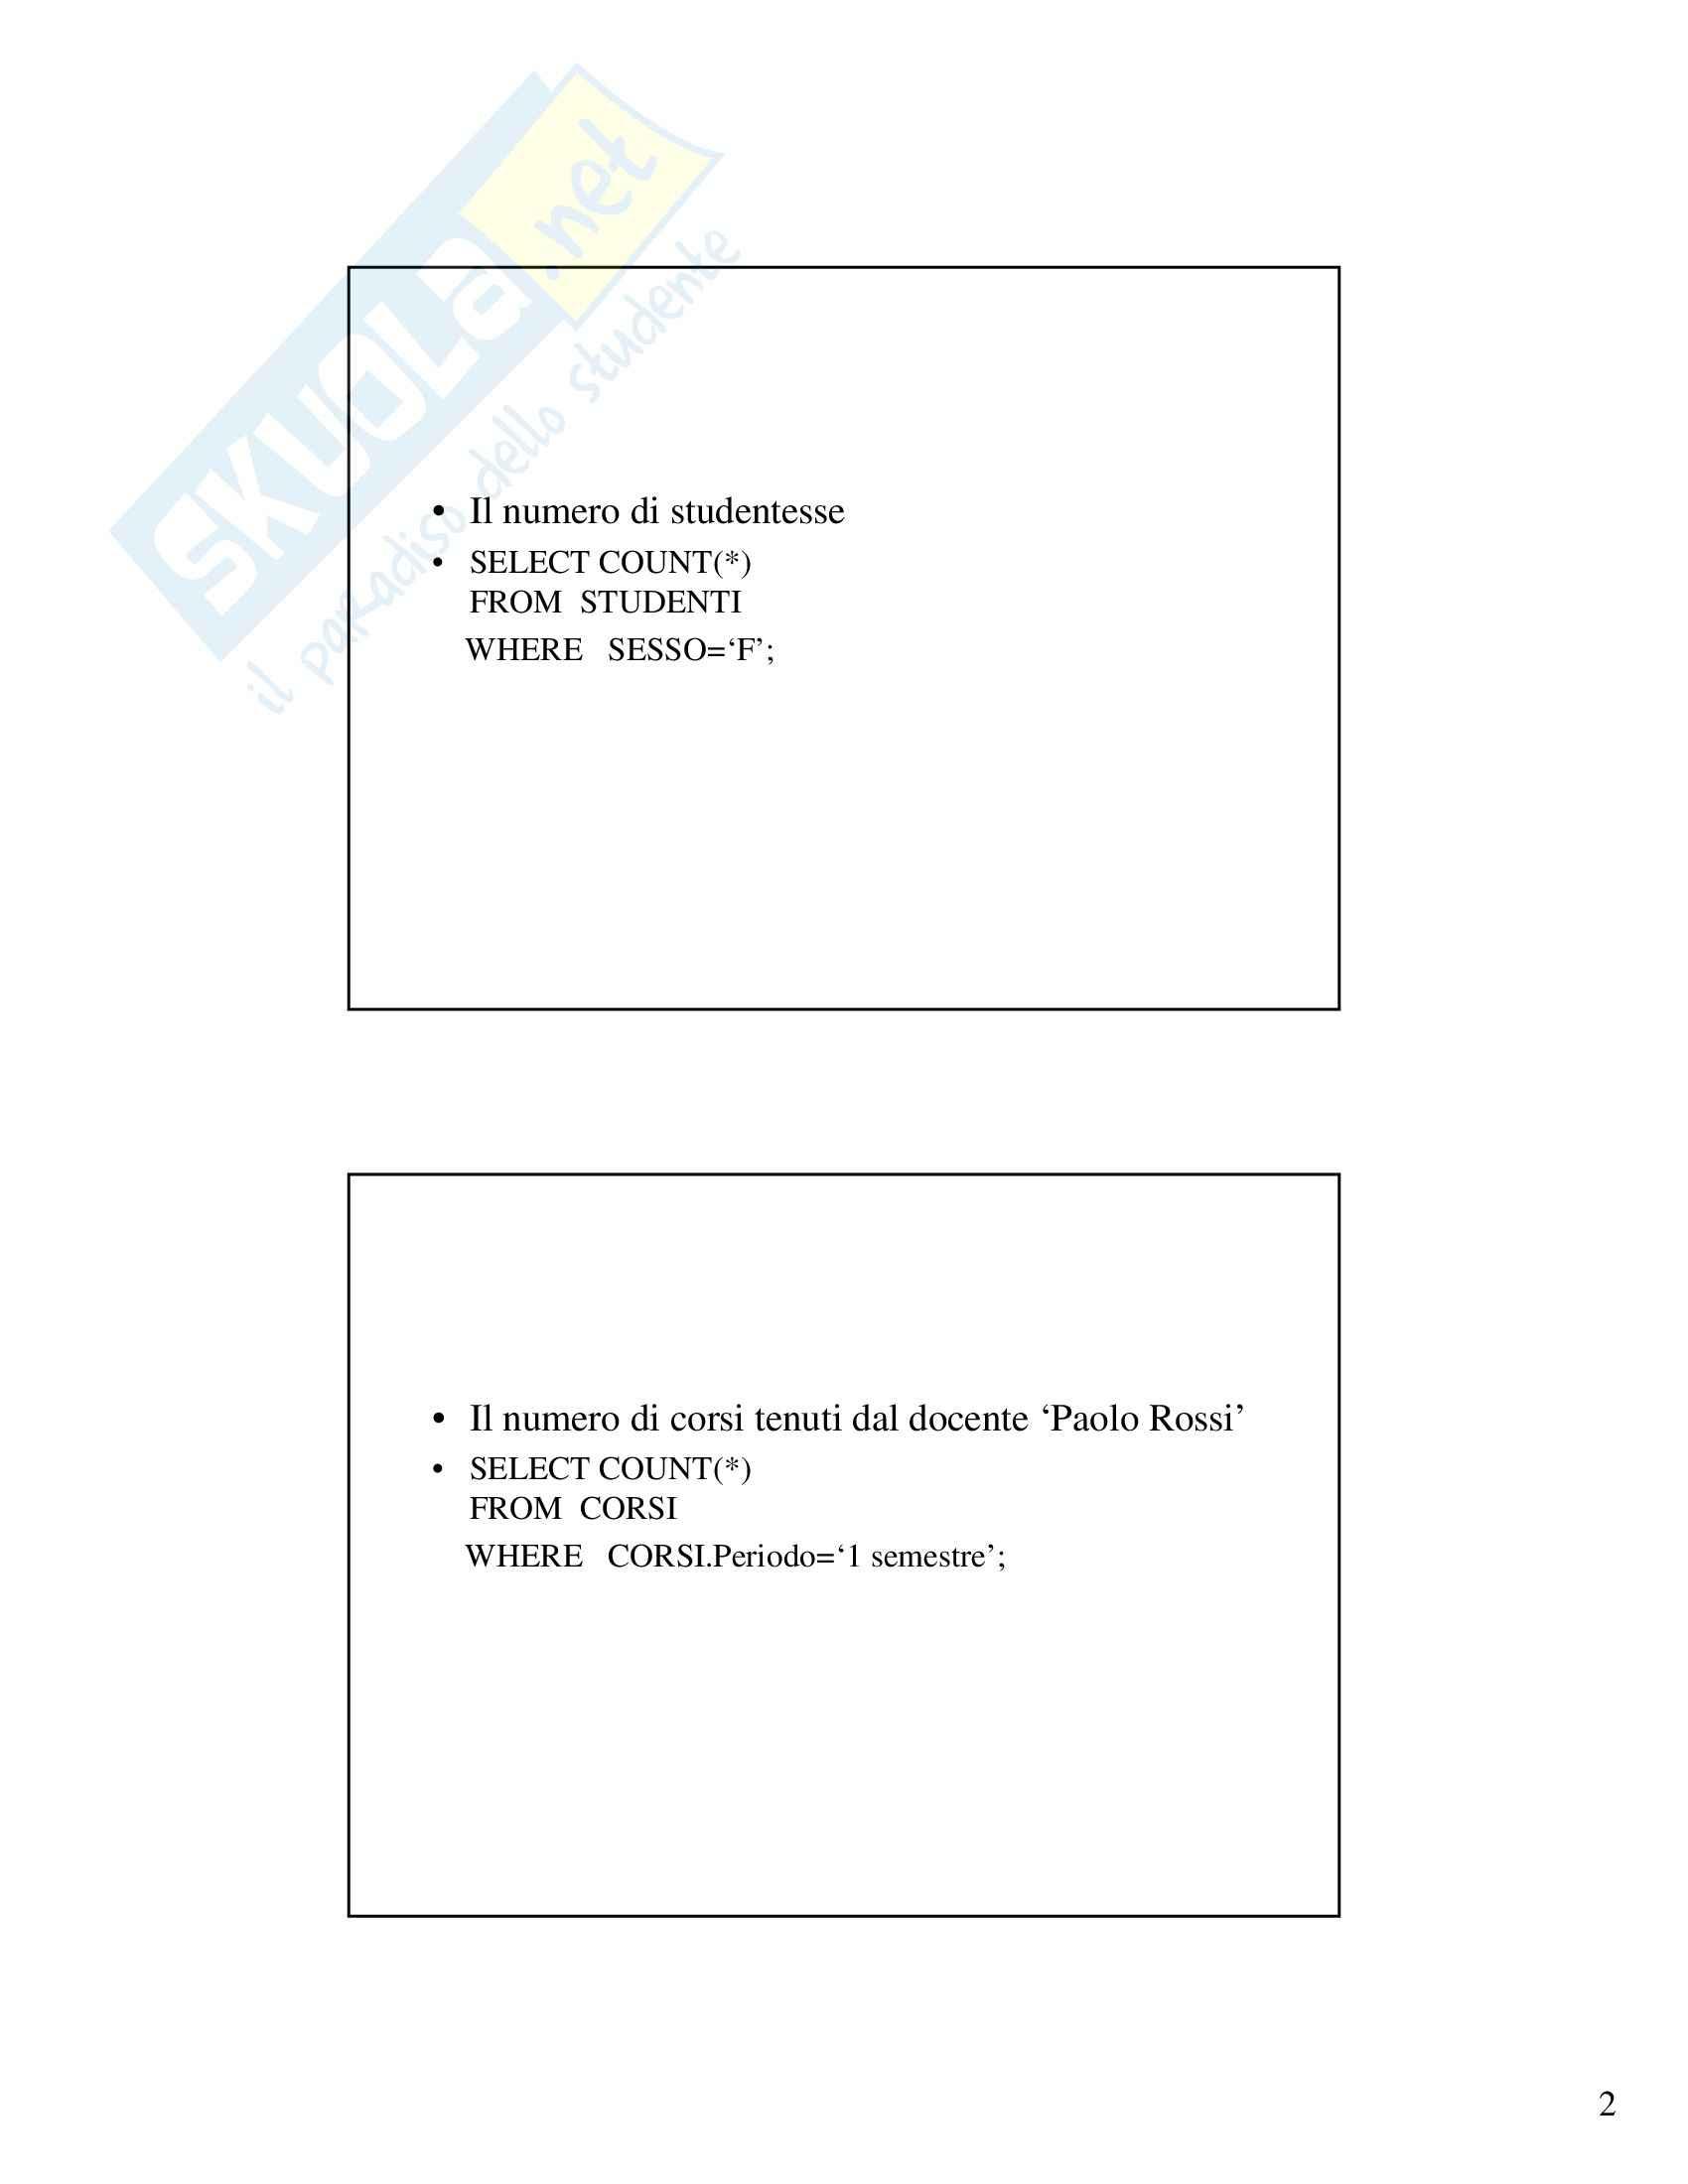 Gestione dati e archivi - Esercizi SQL/2 Pag. 2